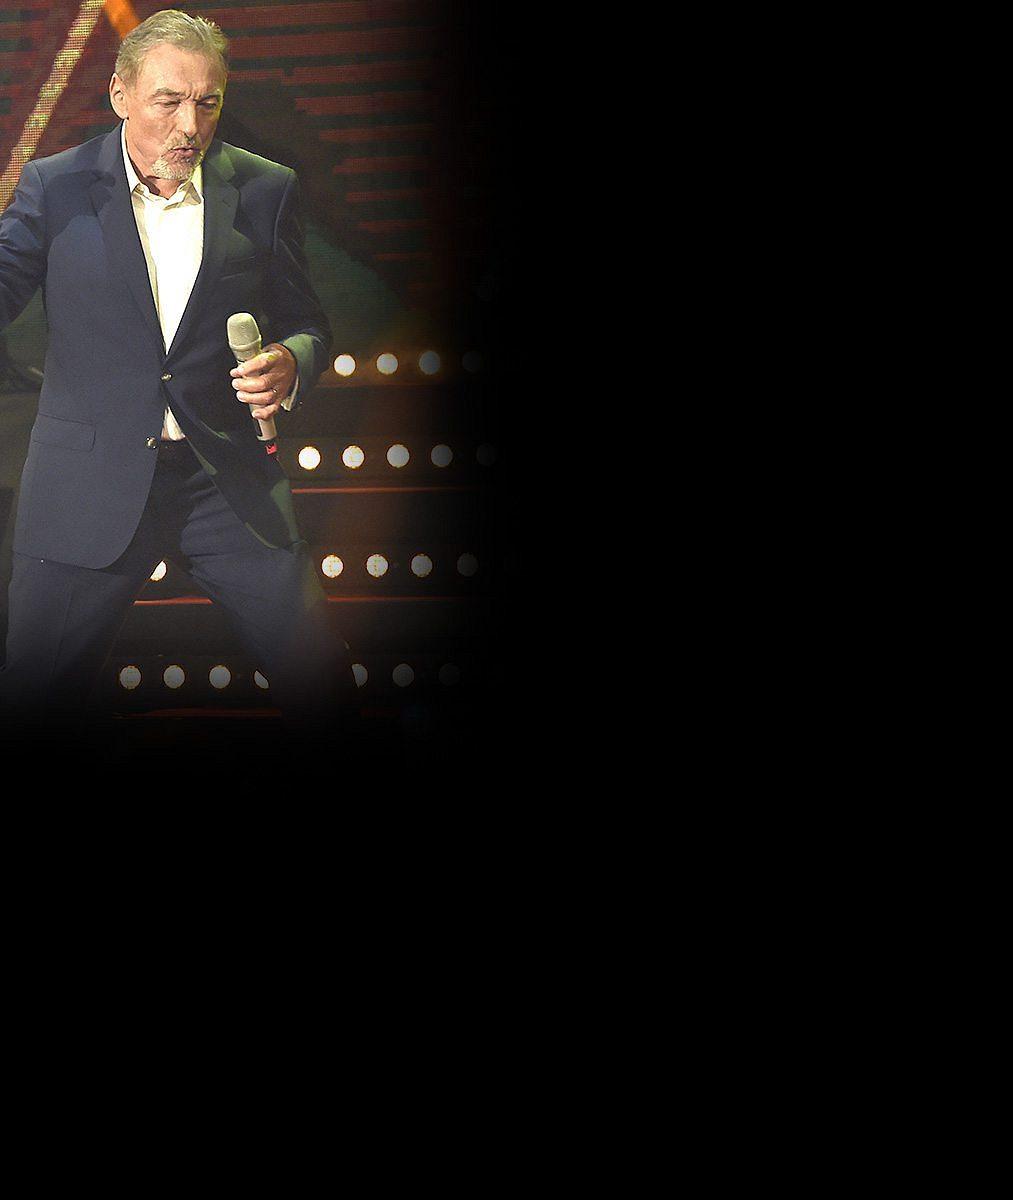 Podvod s koncerty Karla Gotta: Prodávali na něj lístky, zpěvák ale o ničem nevěděl, pak zneužili i jeho zdraví!